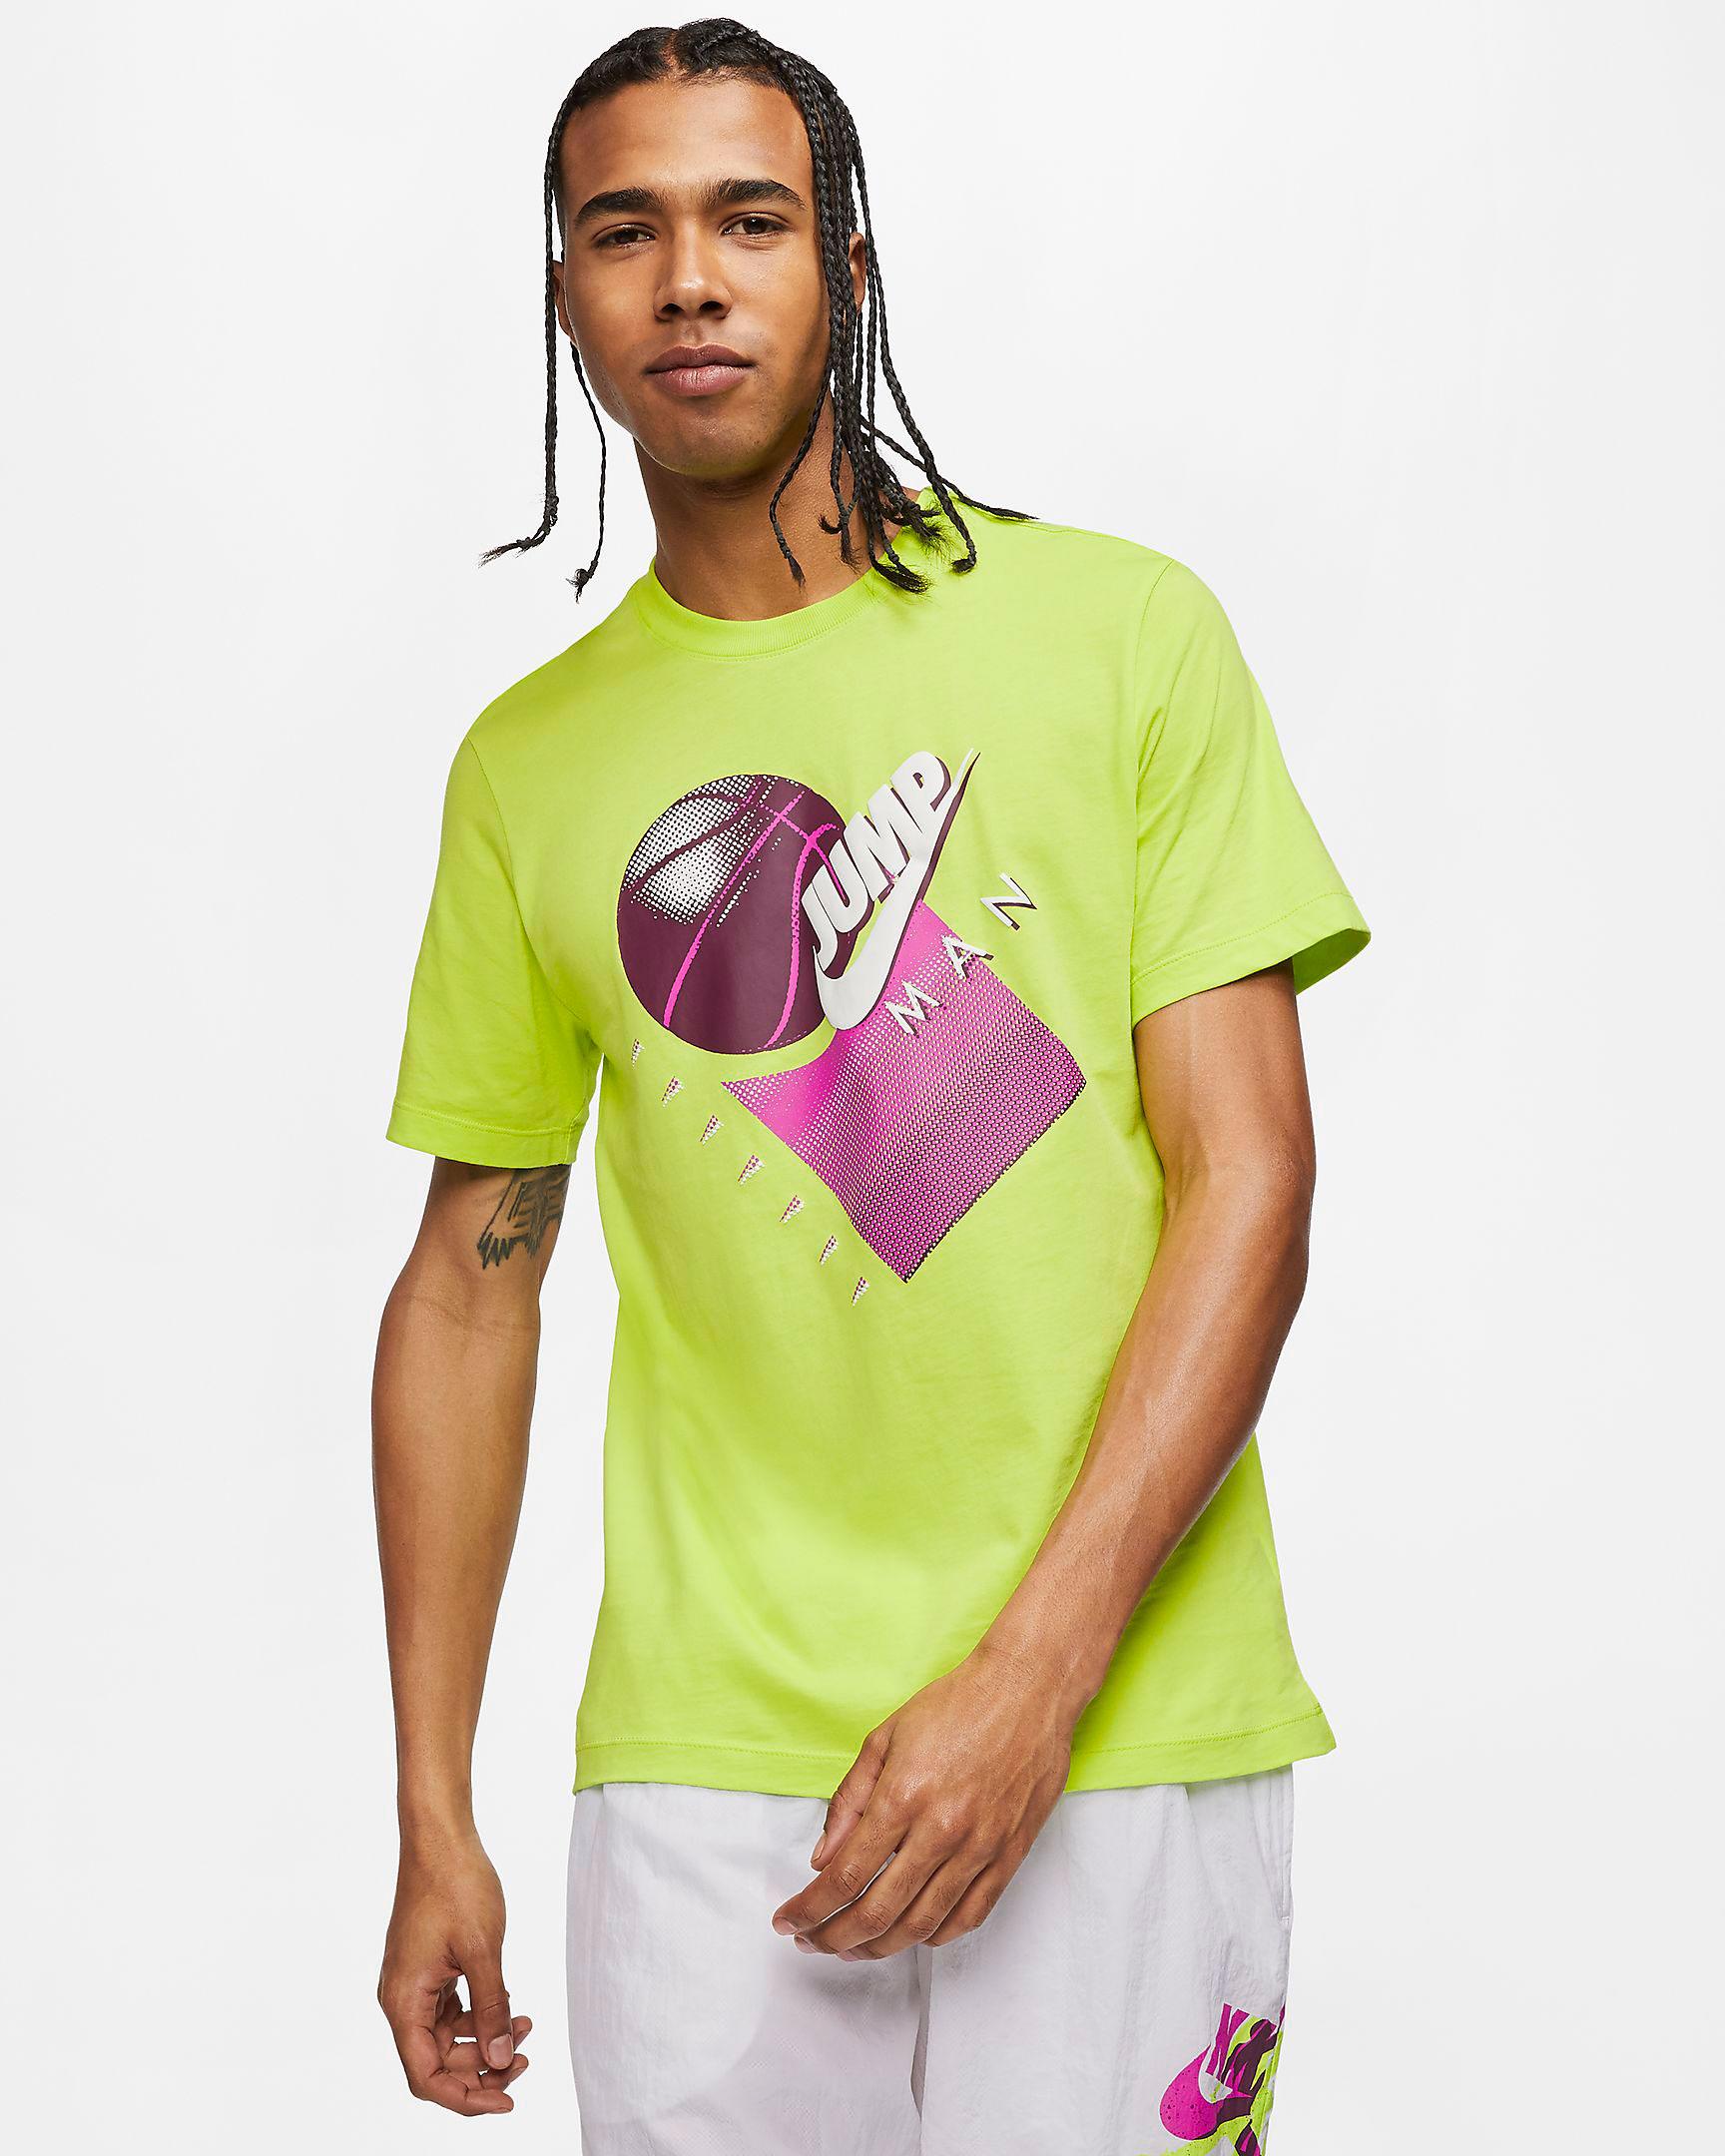 air-jordan-5-ghost-green-alternate-bel-air-shirt-1